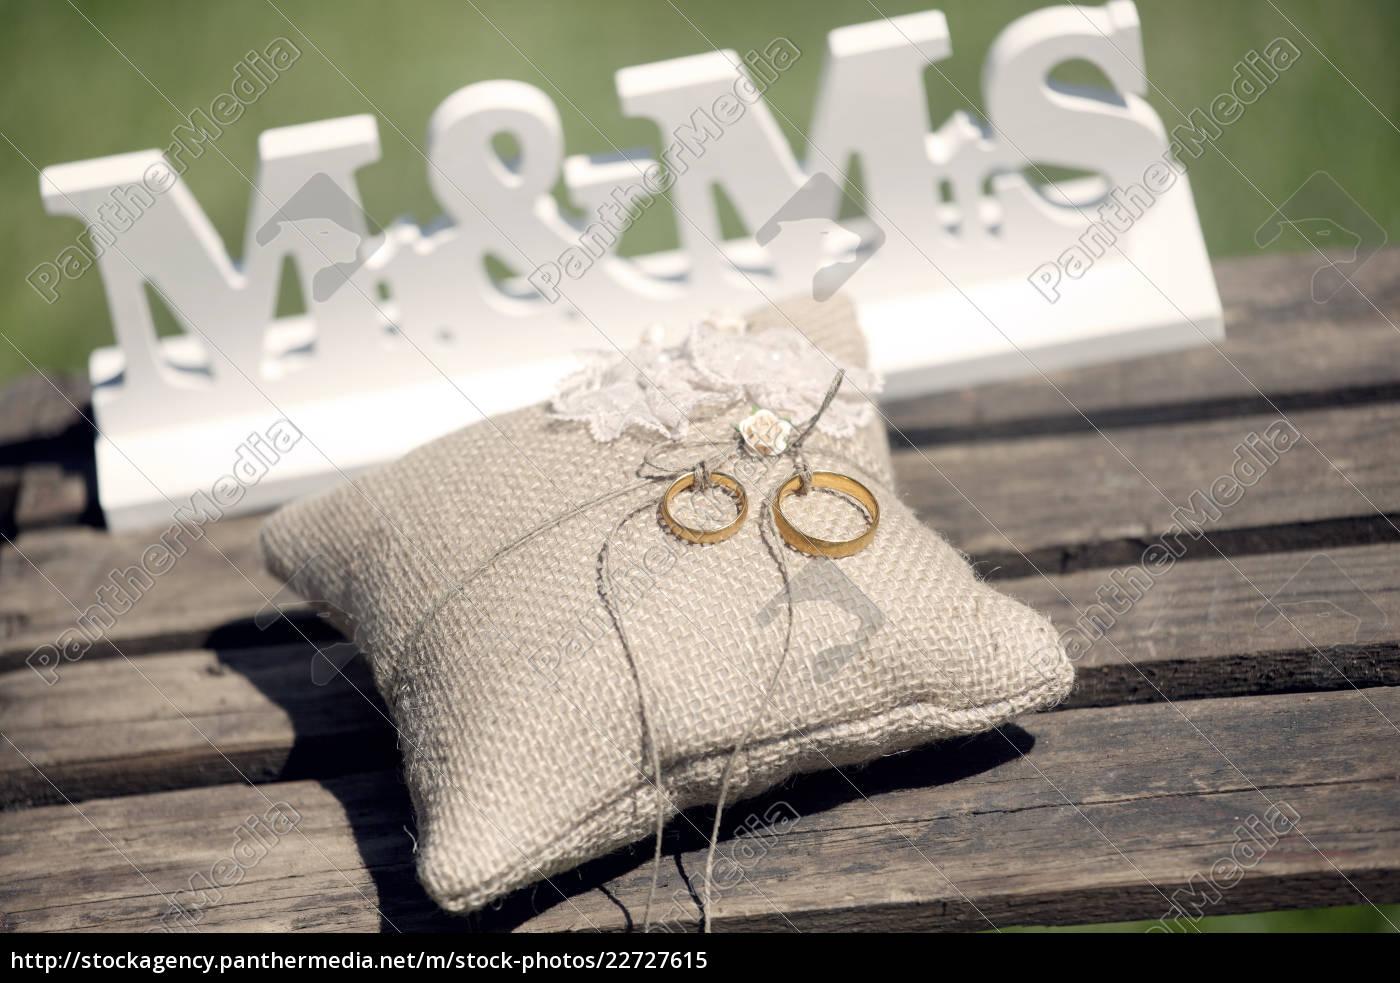 Lizenzfreies Bild 22727615 Hochzeit Ringe Kissen